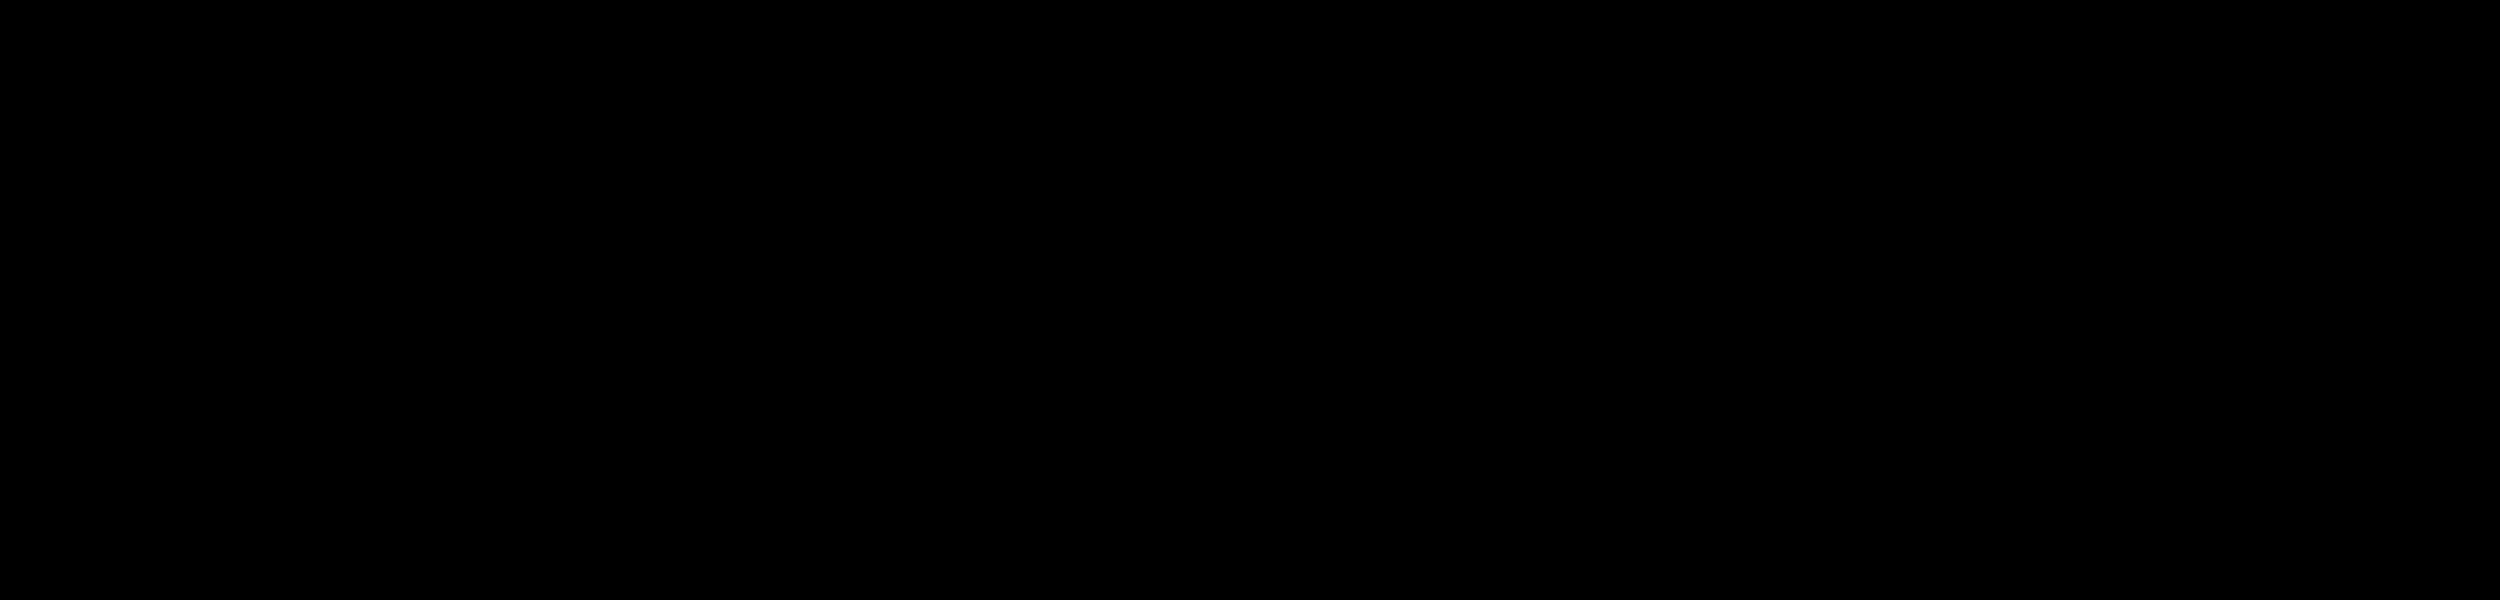 Distribuidores Autorizados - Garantía y respaldo directo de Molvu